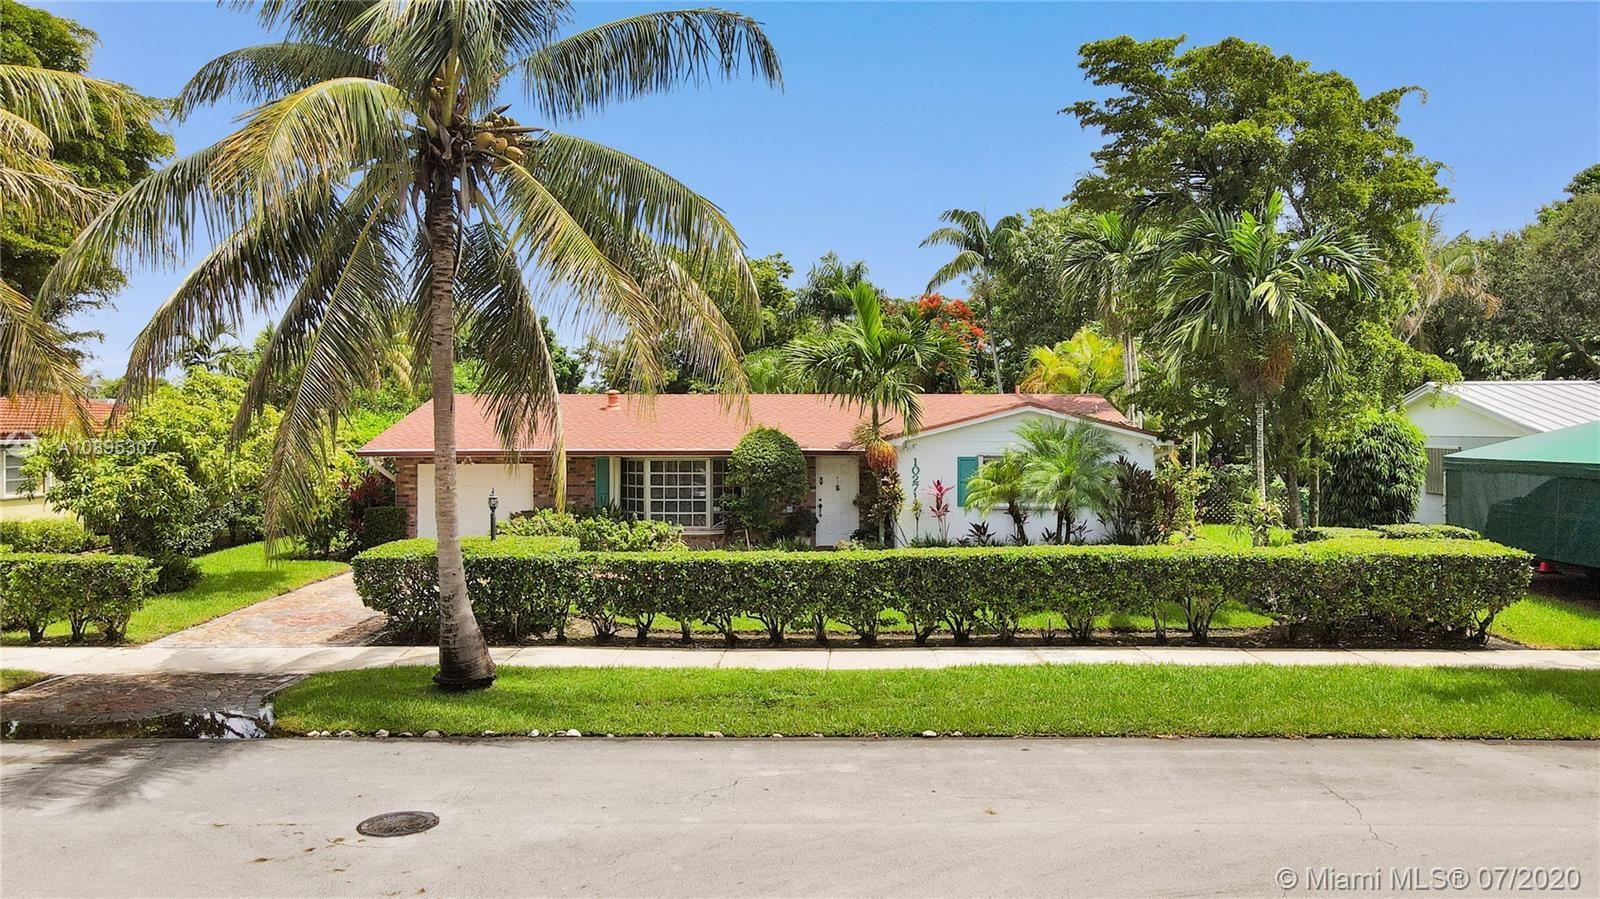 10271 SW 109th St, Miami, FL 33176 - #: A10895307